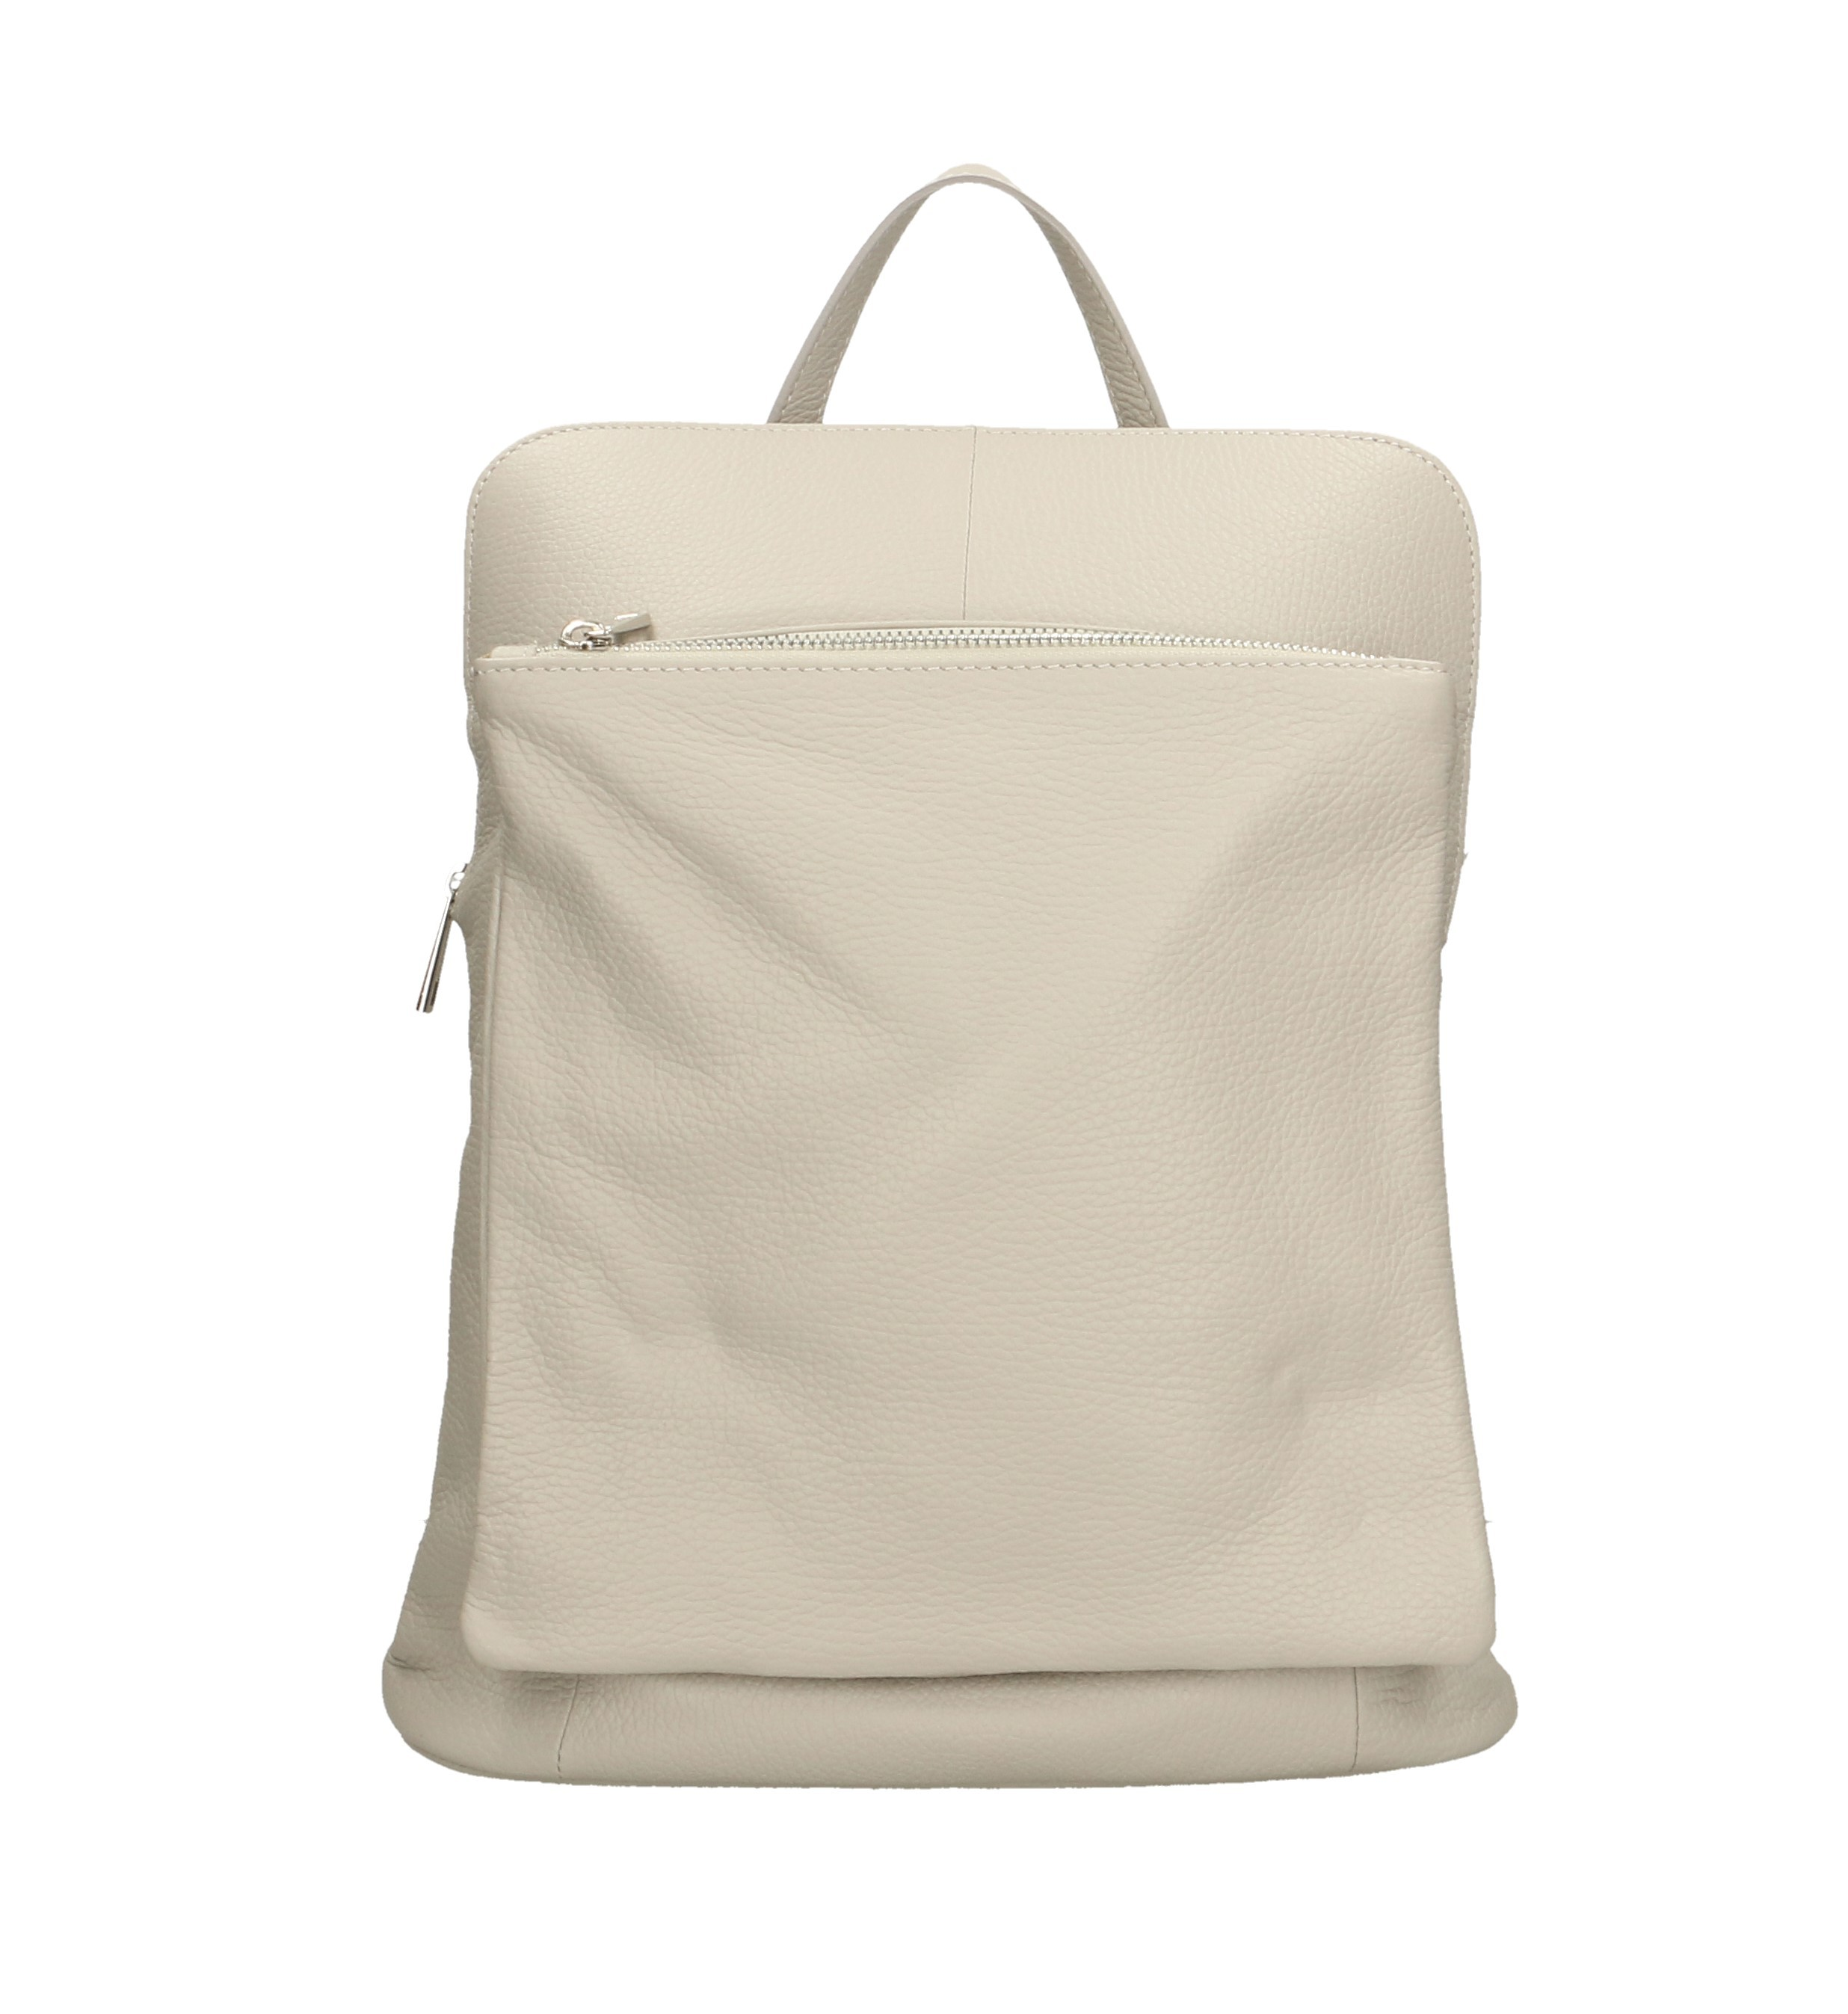 Praktická béžová kožená kabelka a batoh 2v1 aveline